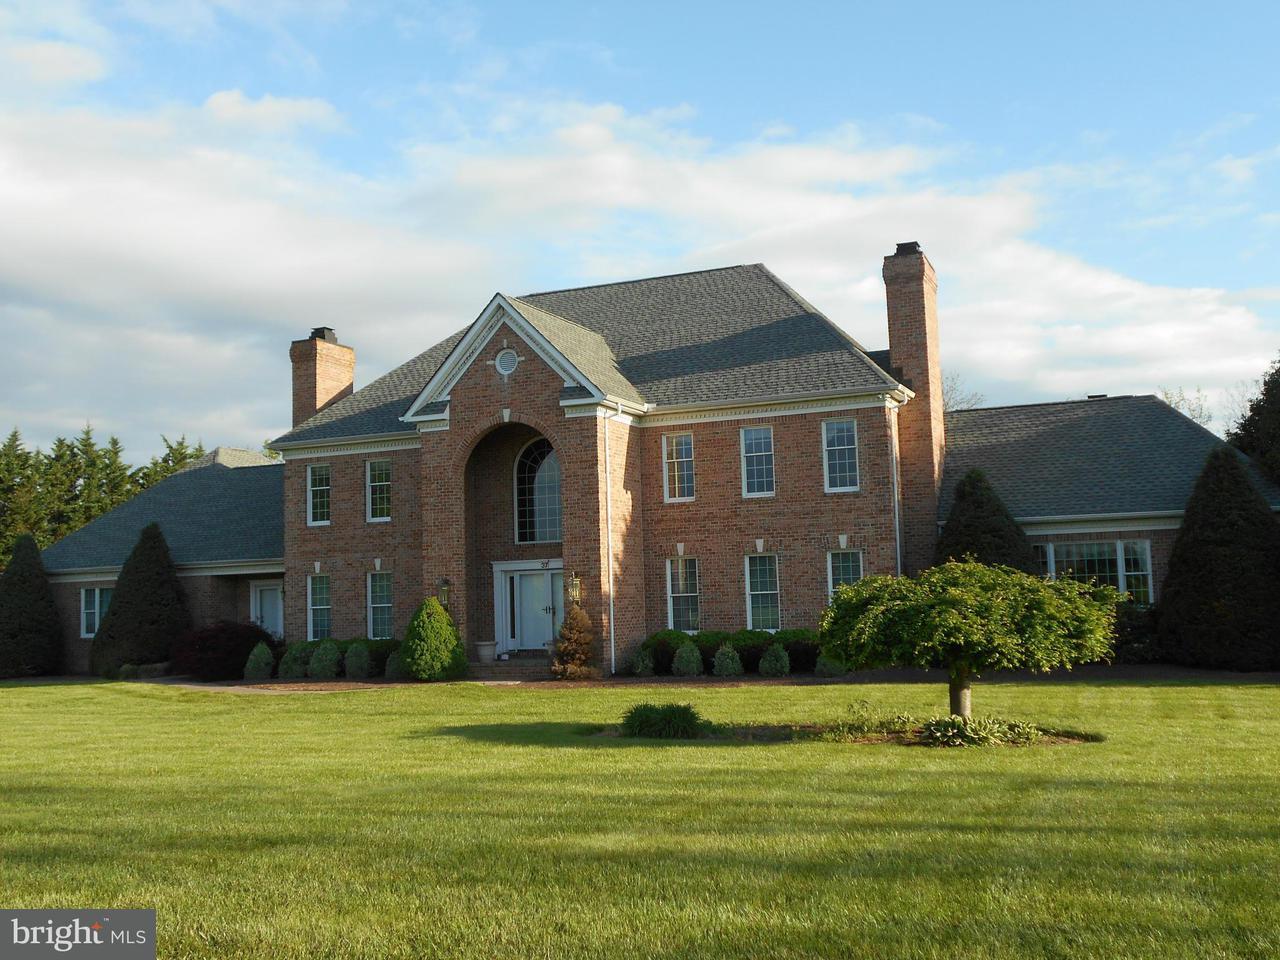 Частный односемейный дом для того Продажа на 37 MARIE Lane 37 MARIE Lane Elkton, Мэриленд 21921 Соединенные Штаты